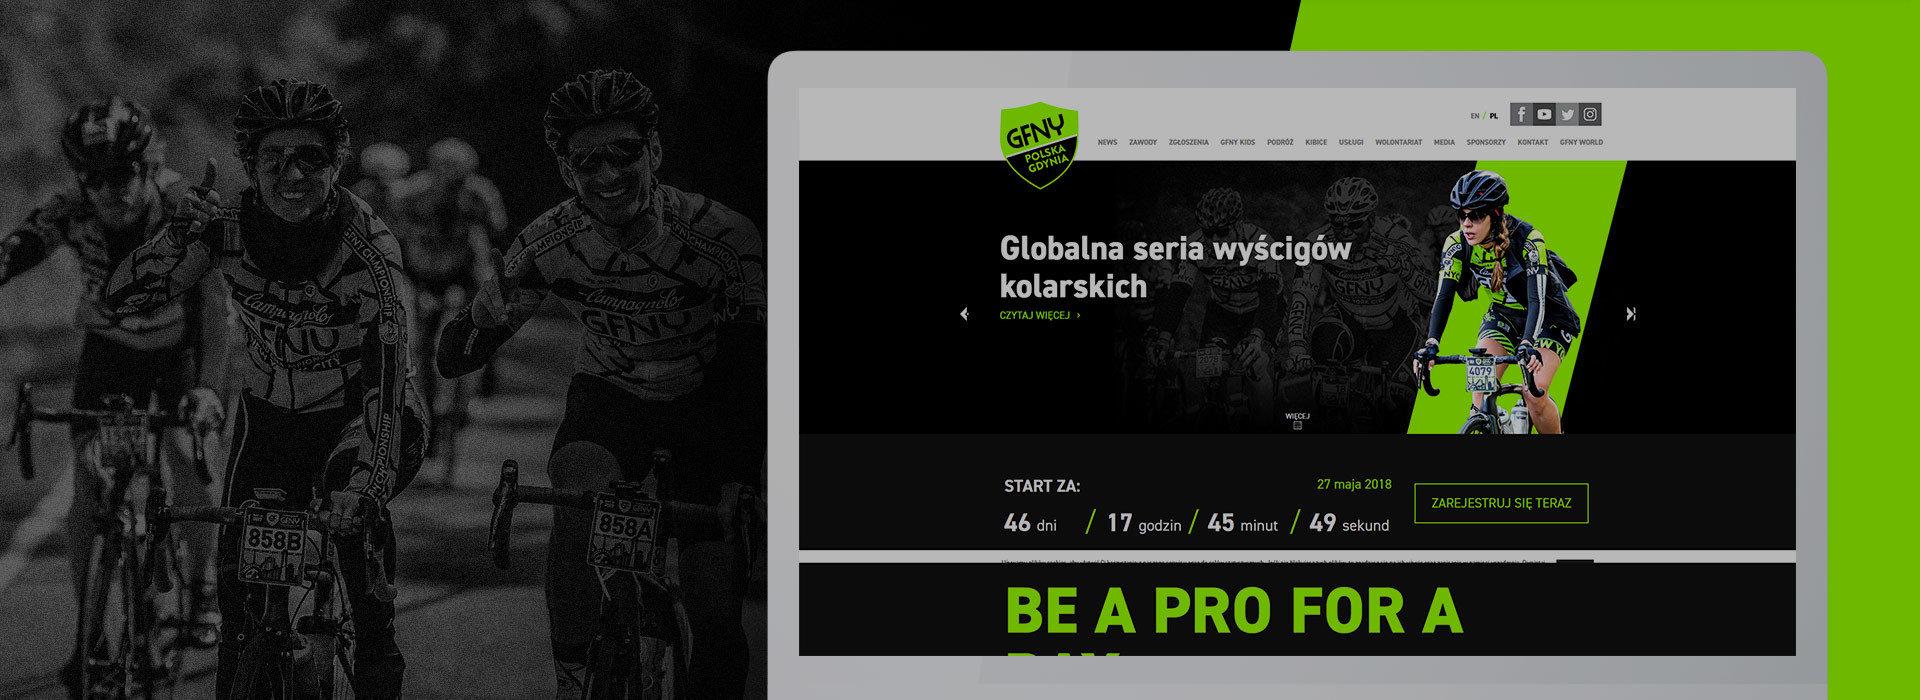 GFNY Polska - Prestiżowy wyścig kolarski w Gdyni.